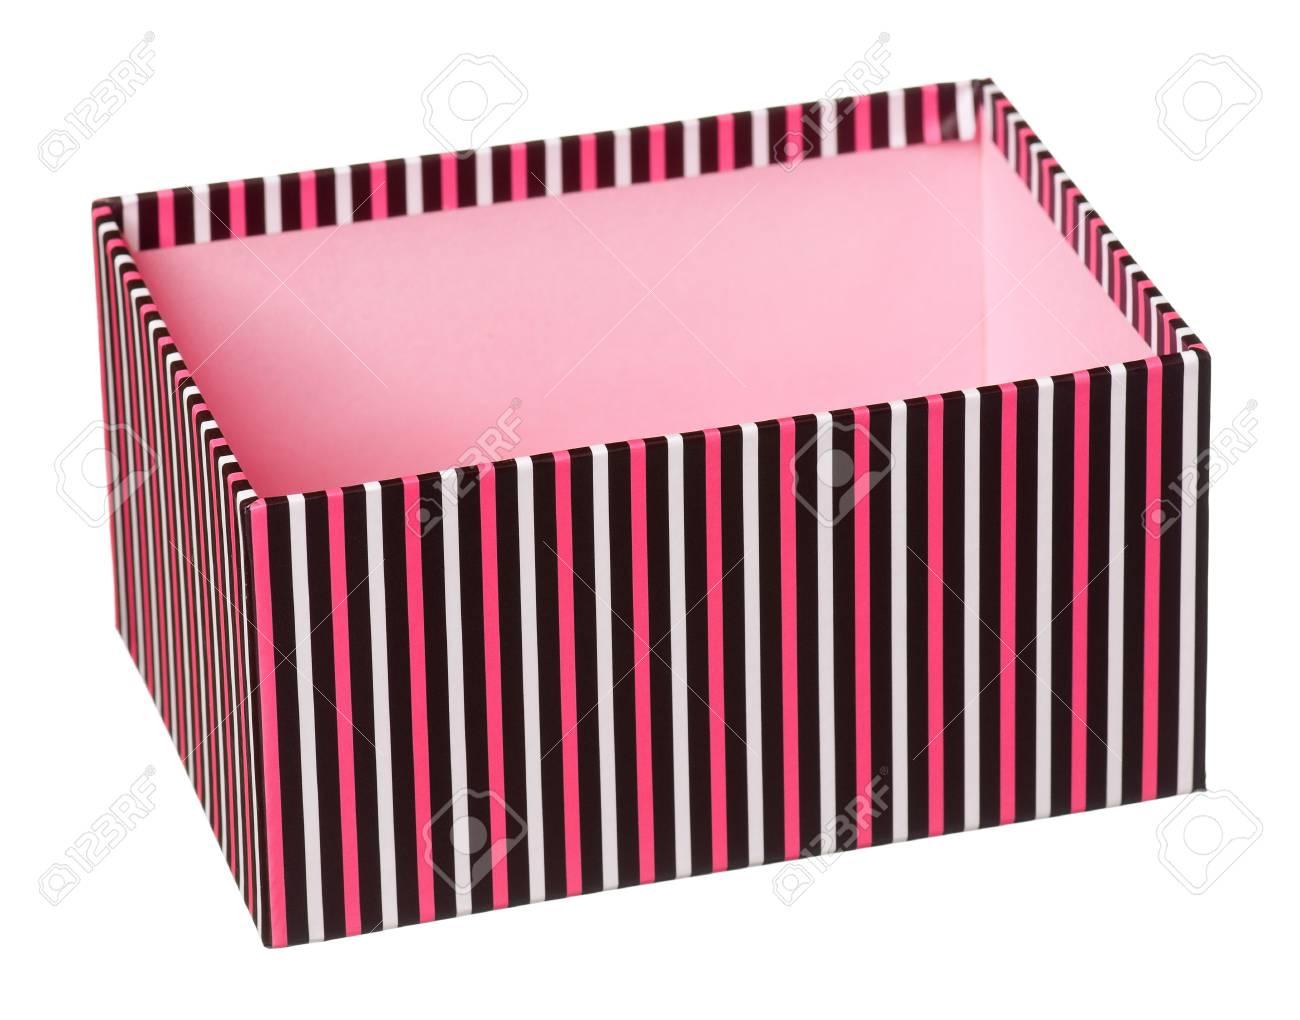 Single gift box isolated on white background Stock Photo - 17579340